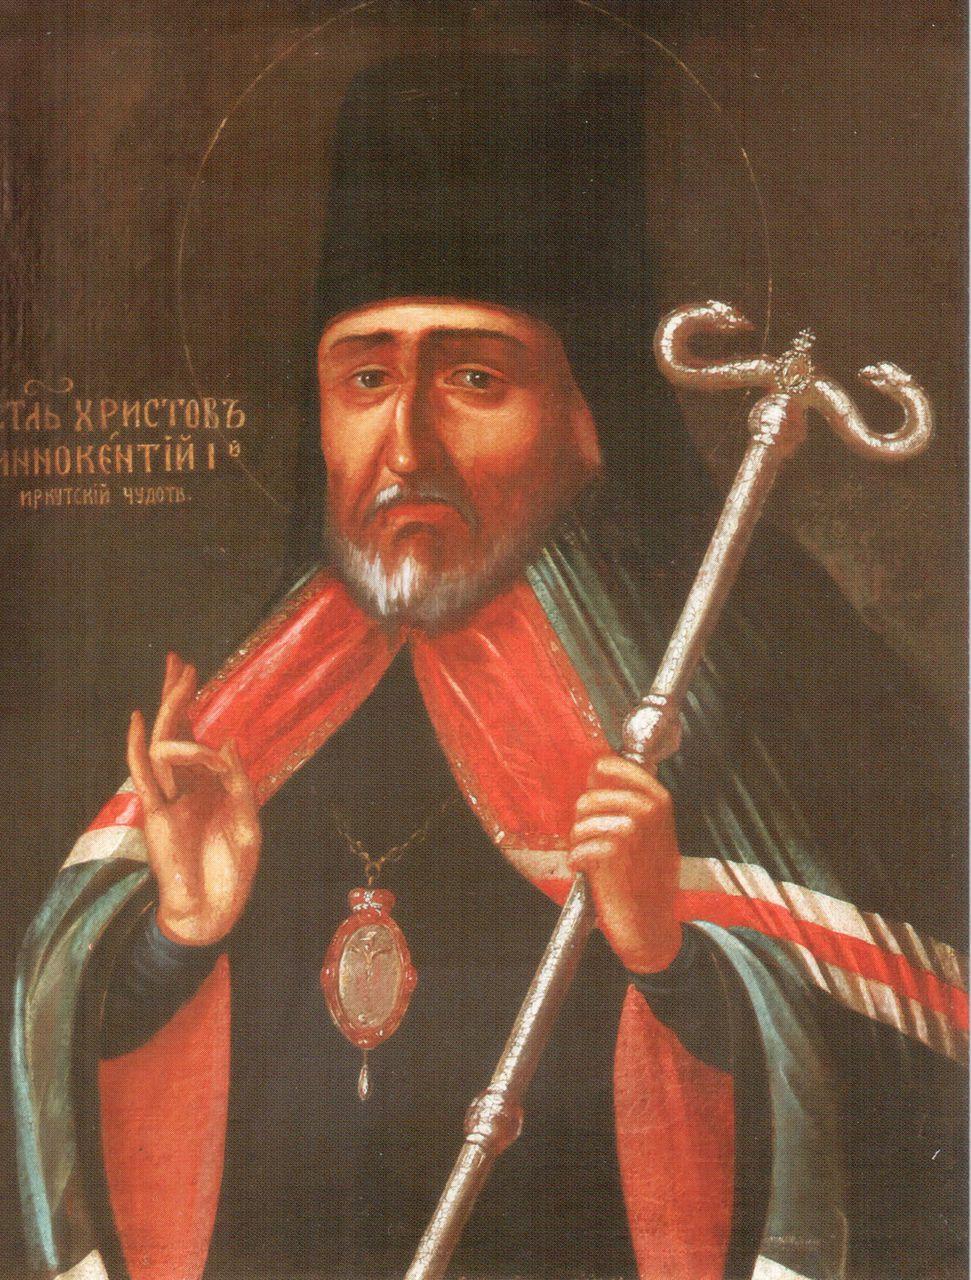 Святитель Иннокентий Кульчицкий, епископ Иркутский Протрет, конец XVIII - начало XIX века (ИркОХМ)